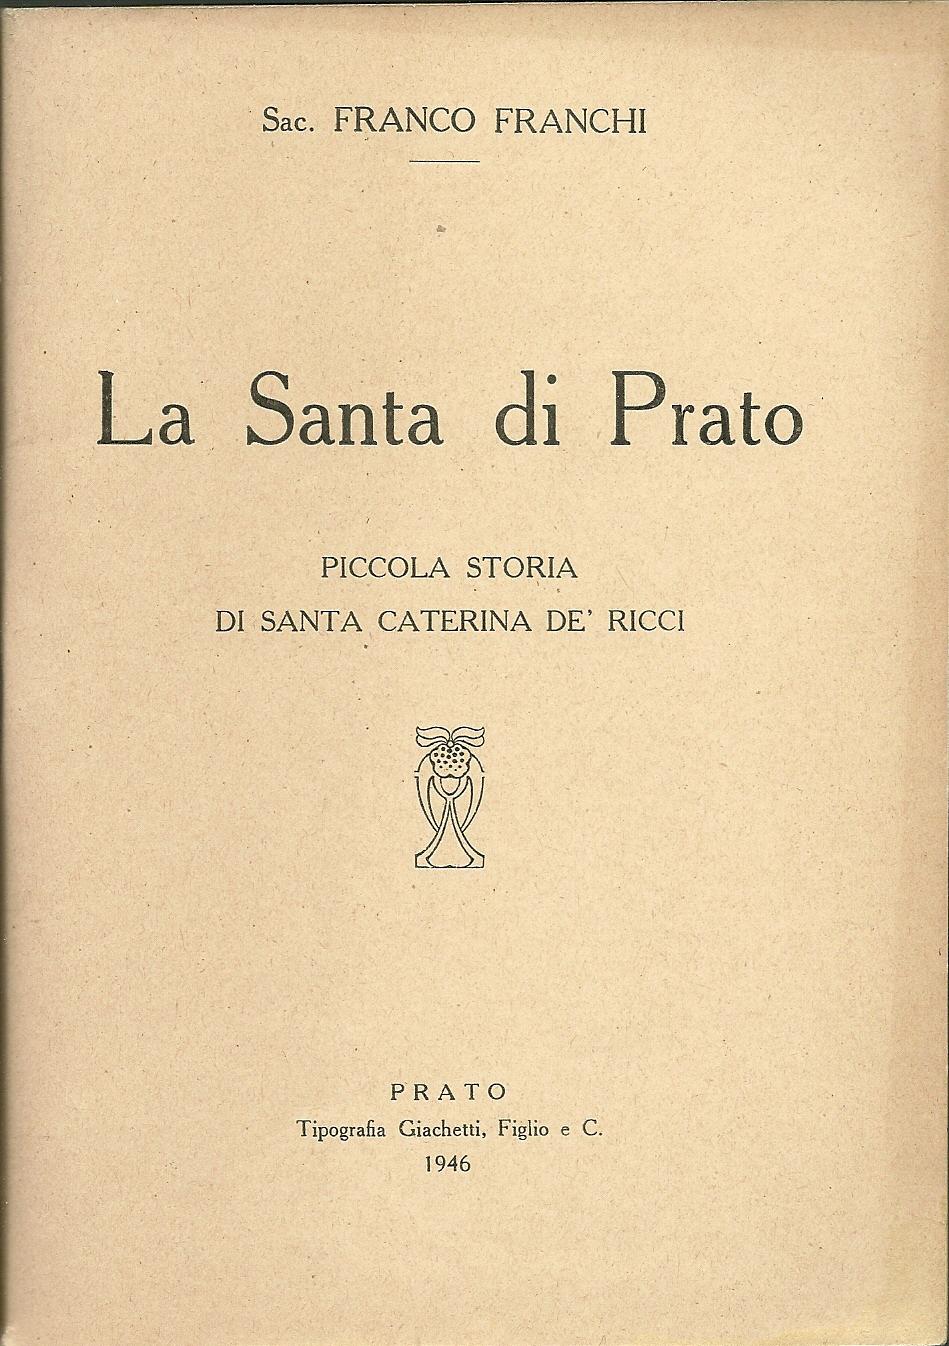 La Santa di Prato